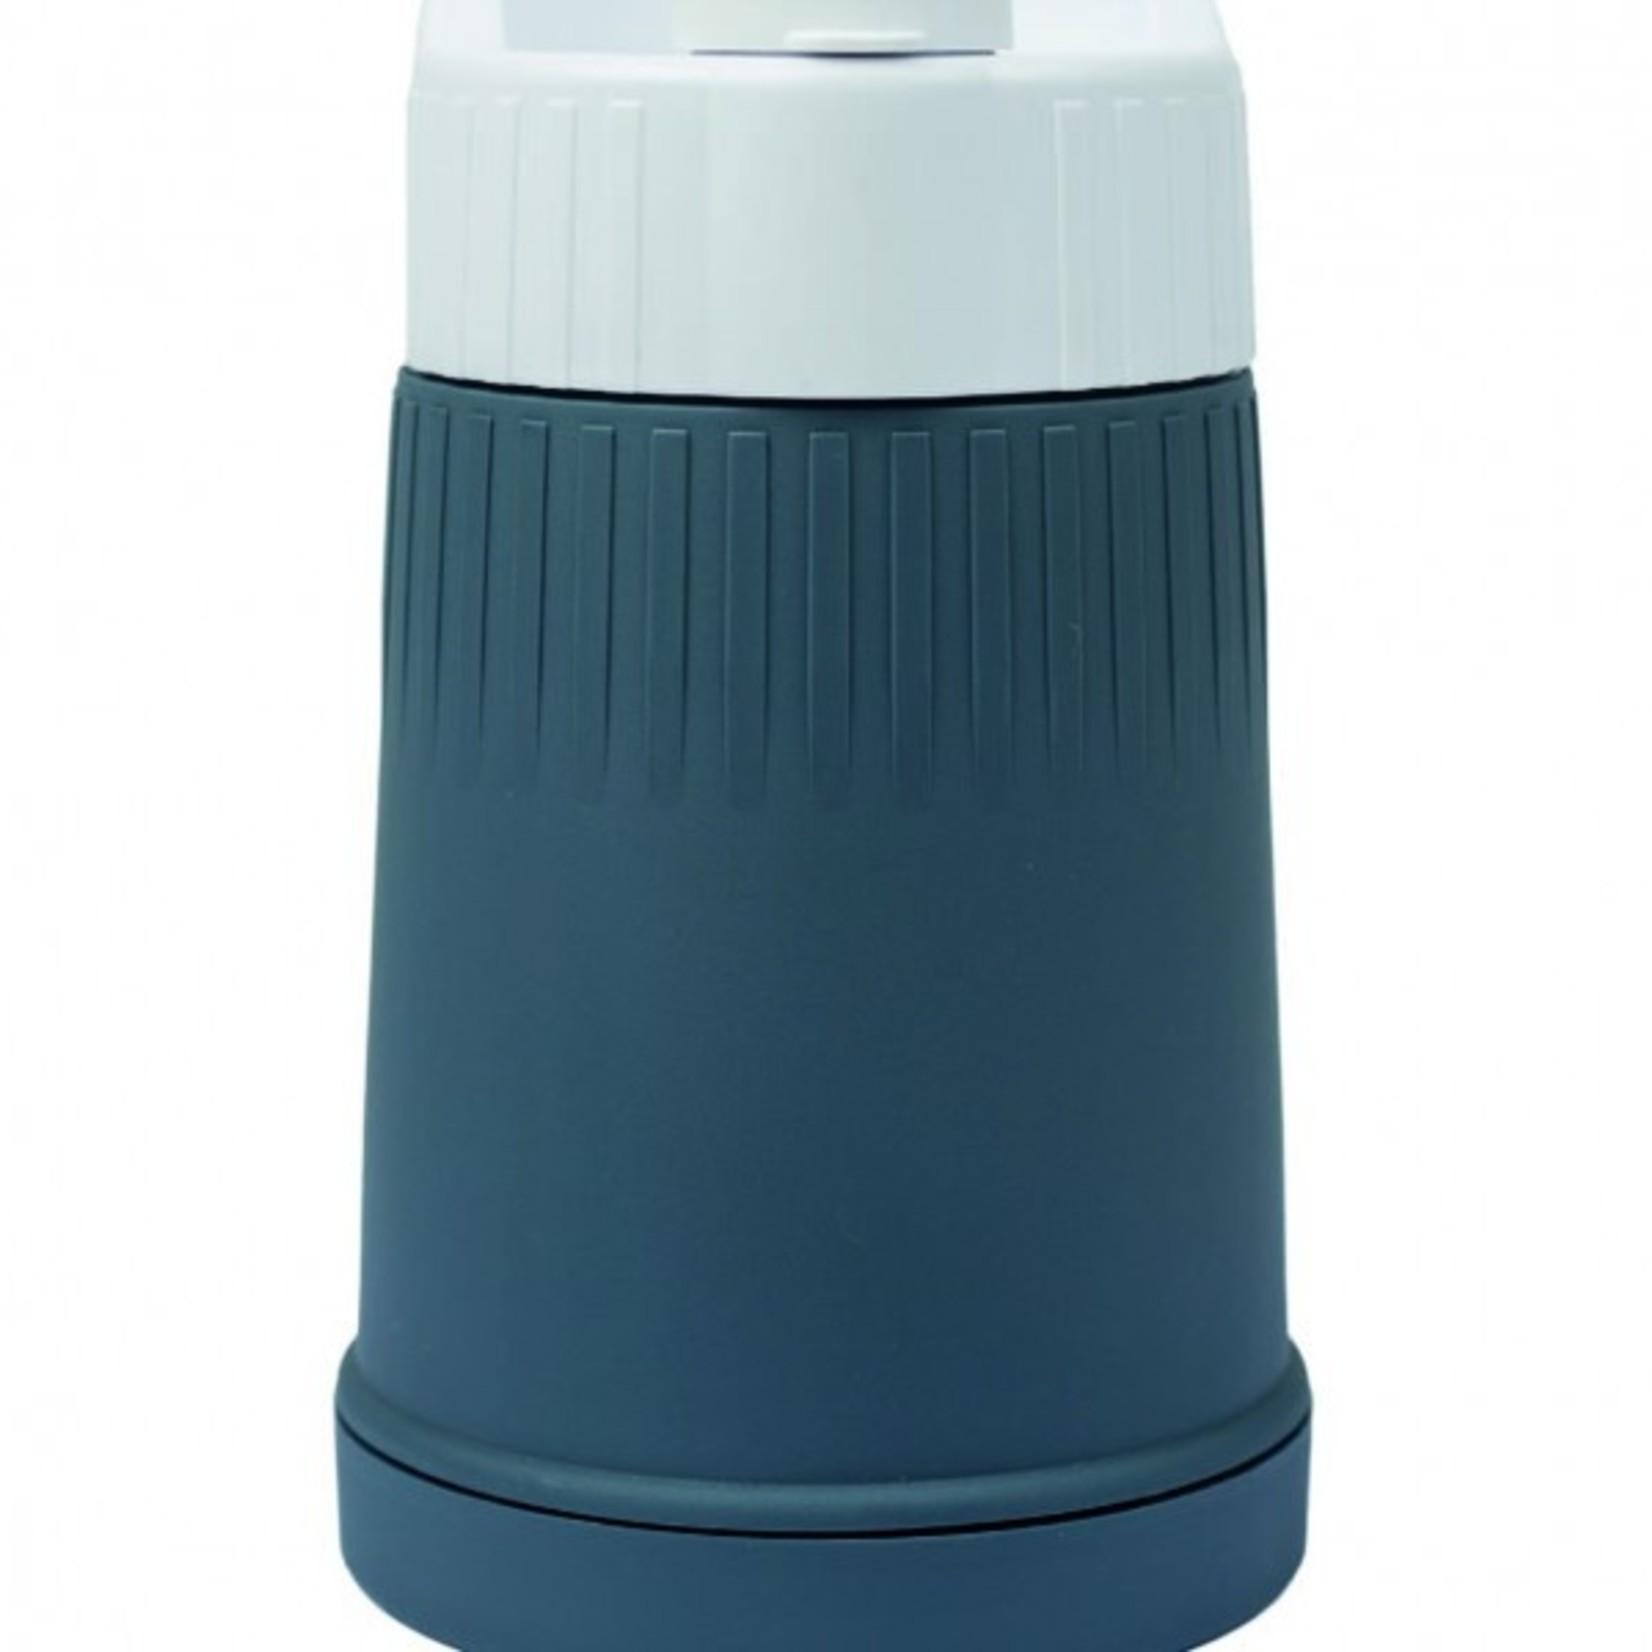 Philley Philley Melkpoederverdeler Limited Edition Denimblue grey 3.0